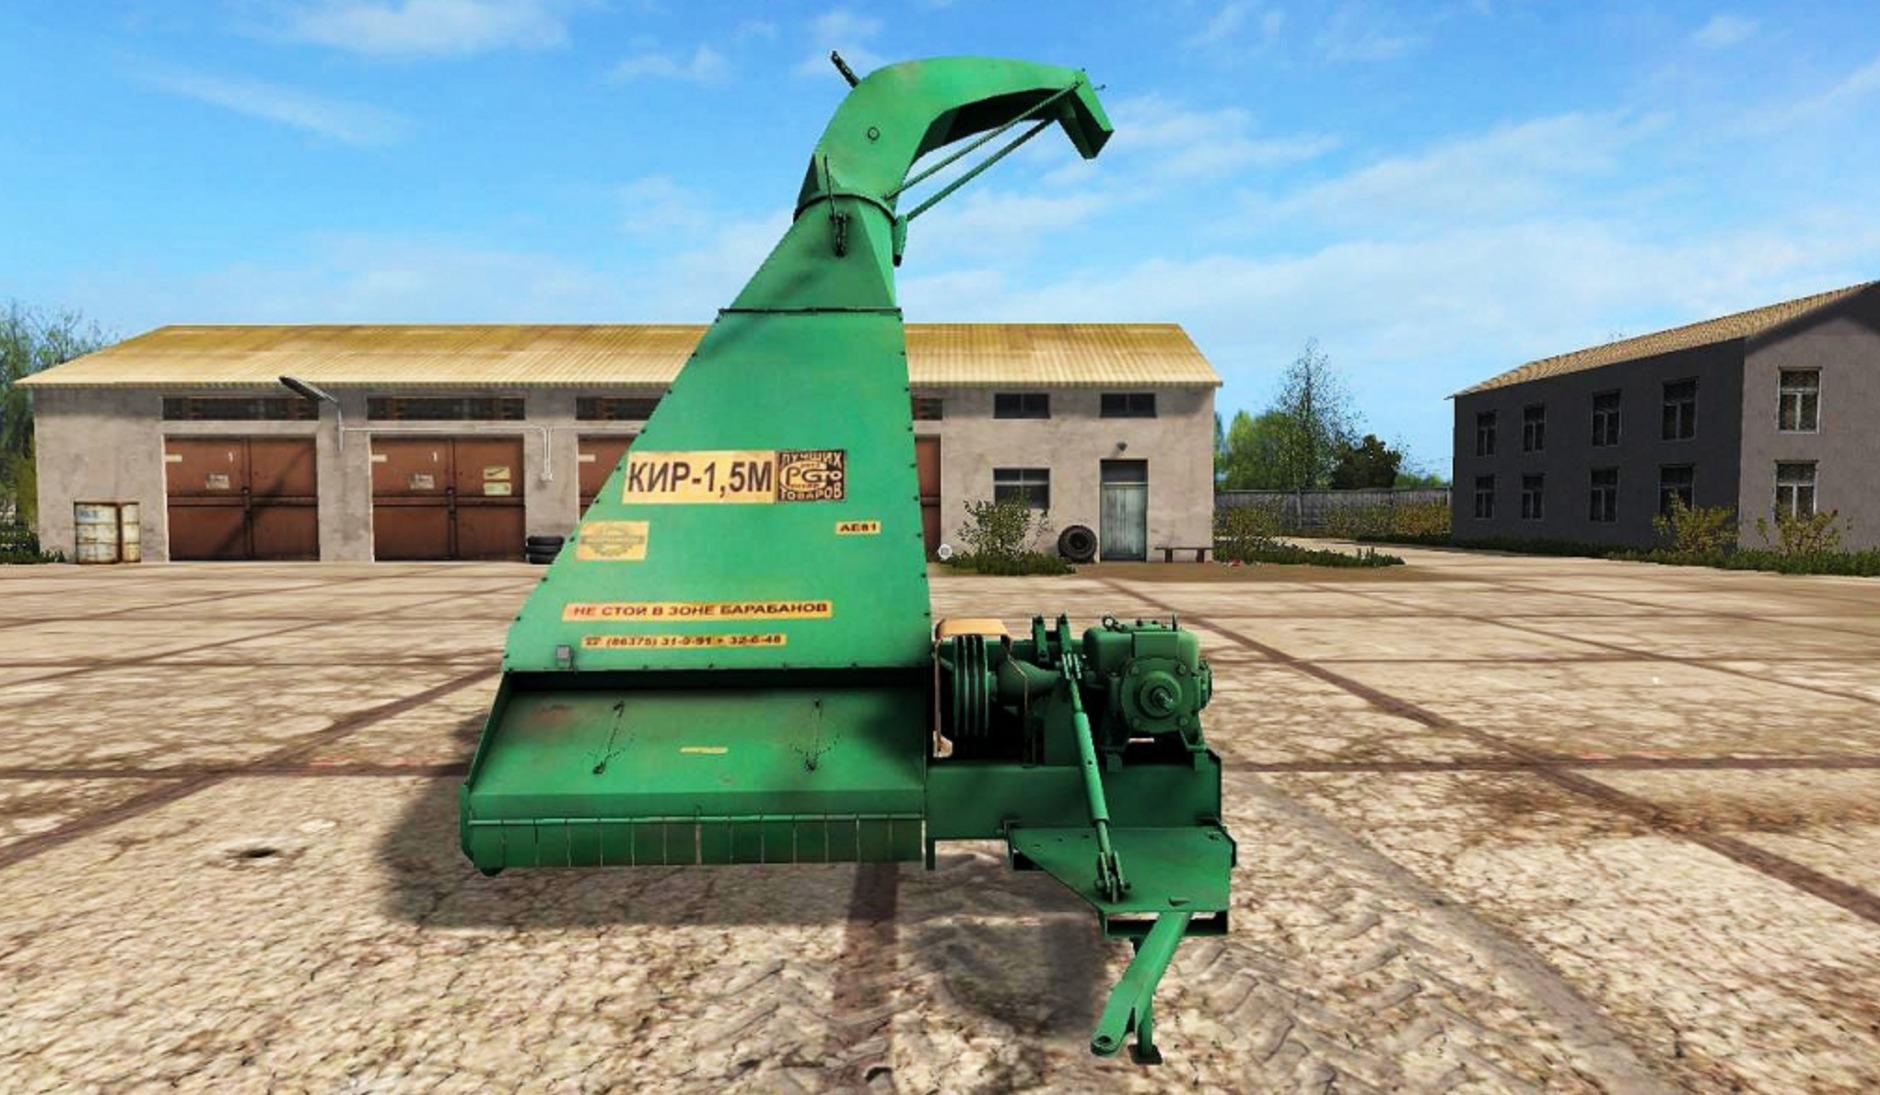 Скачать мод на фермер симулятор 2018 кир